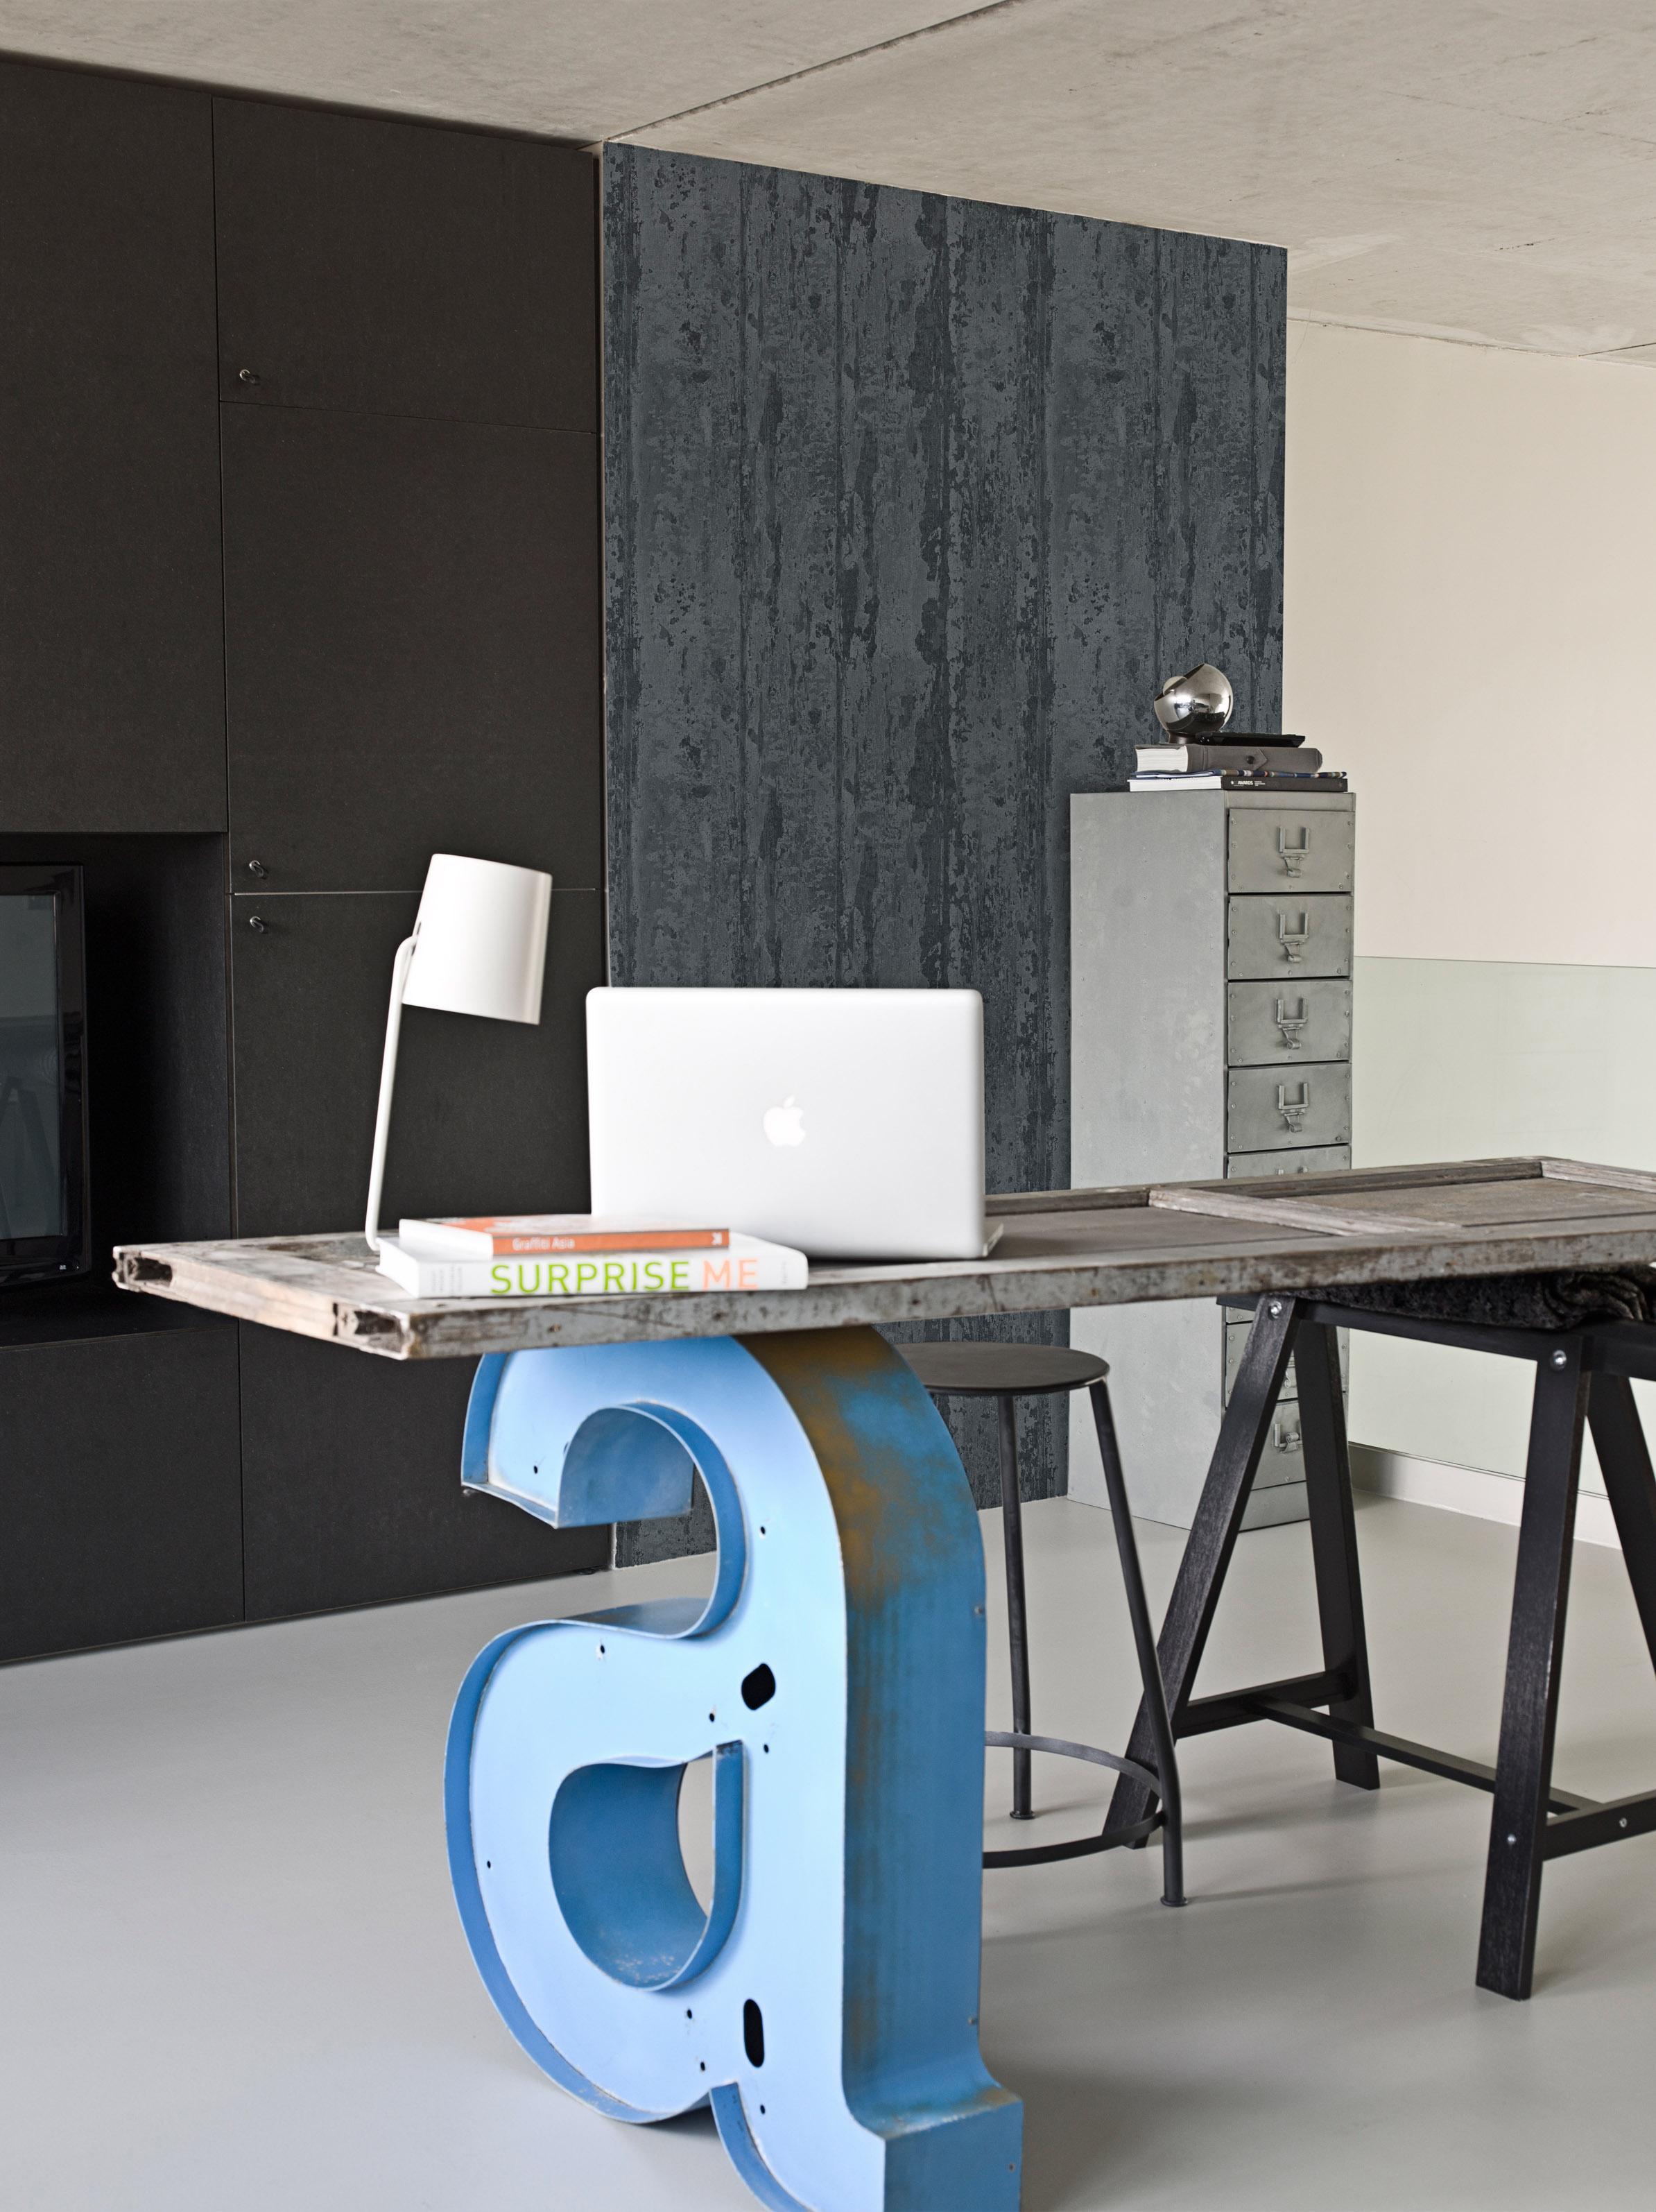 Kinderschreibtisch selber bauen  DIY Schreibtisch: Schreibtisch selber bauen • Bilder & Ideen ...